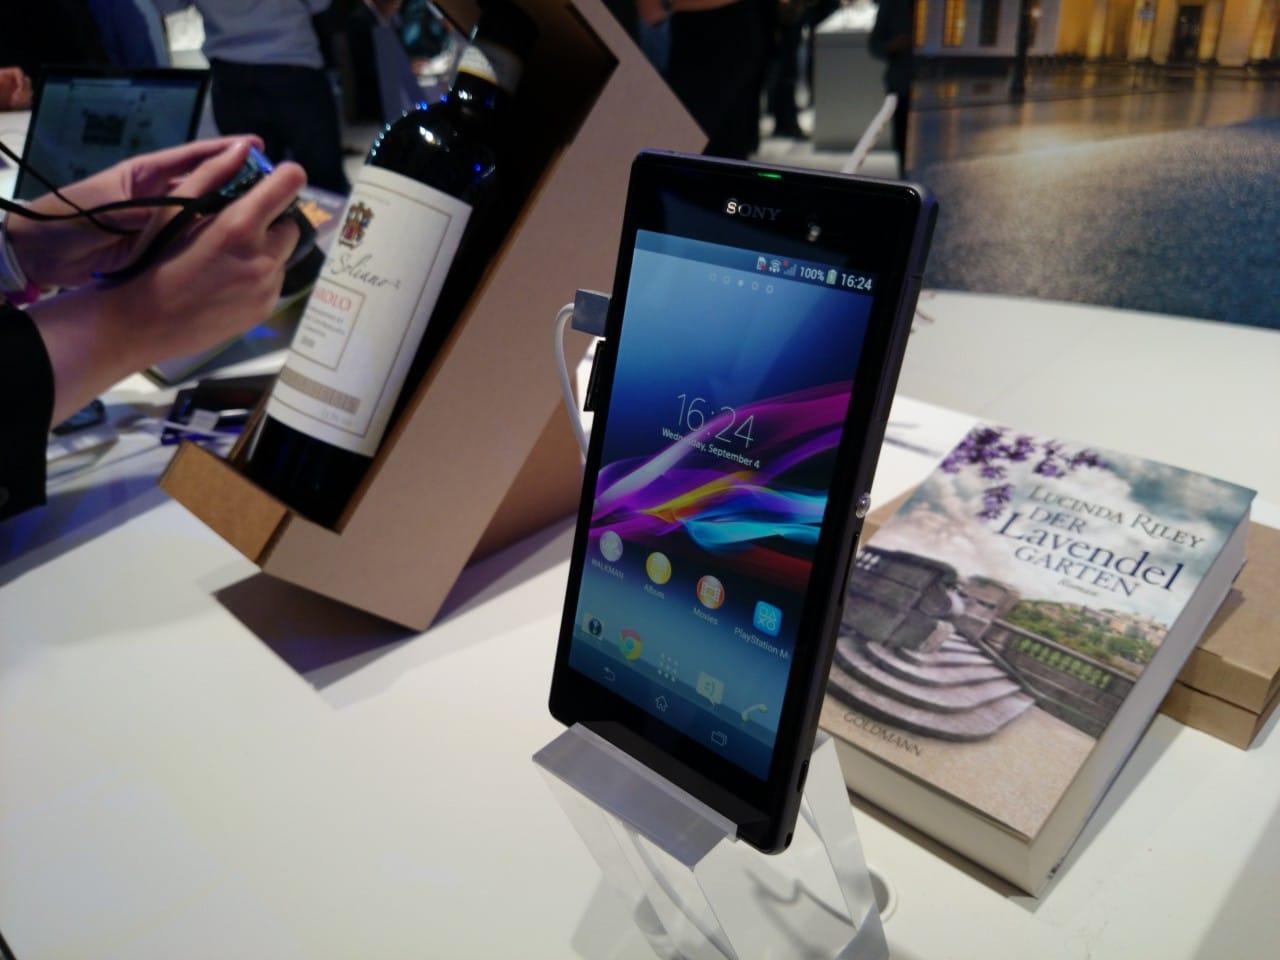 Sony-Xperia-Z1-photo-samples